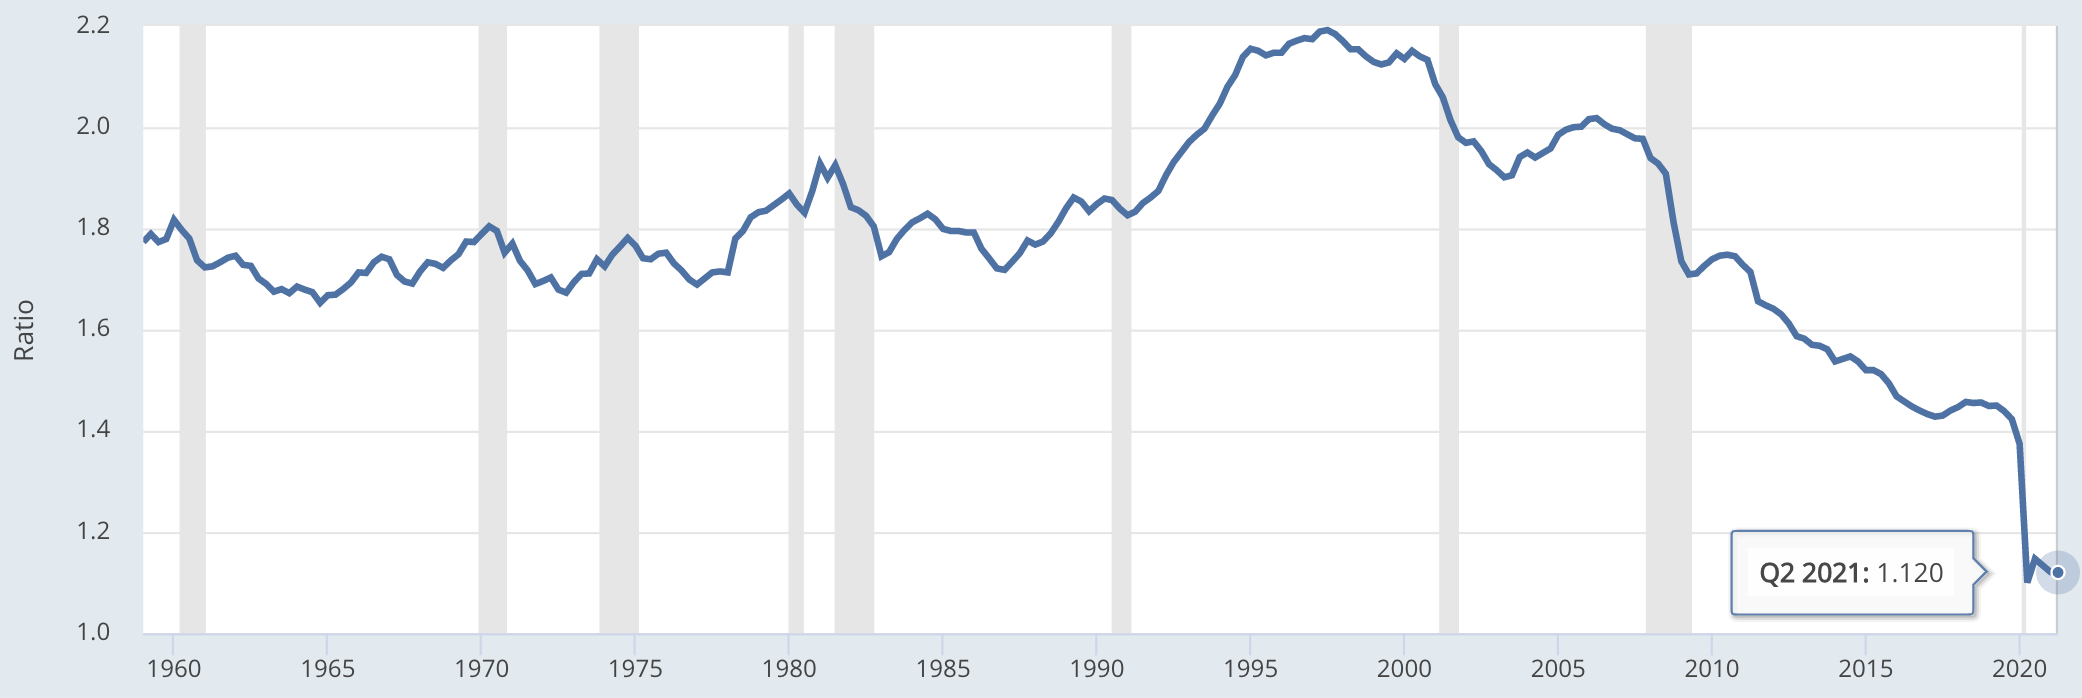 Velocity of M2 Money Stock (M2V), 2021